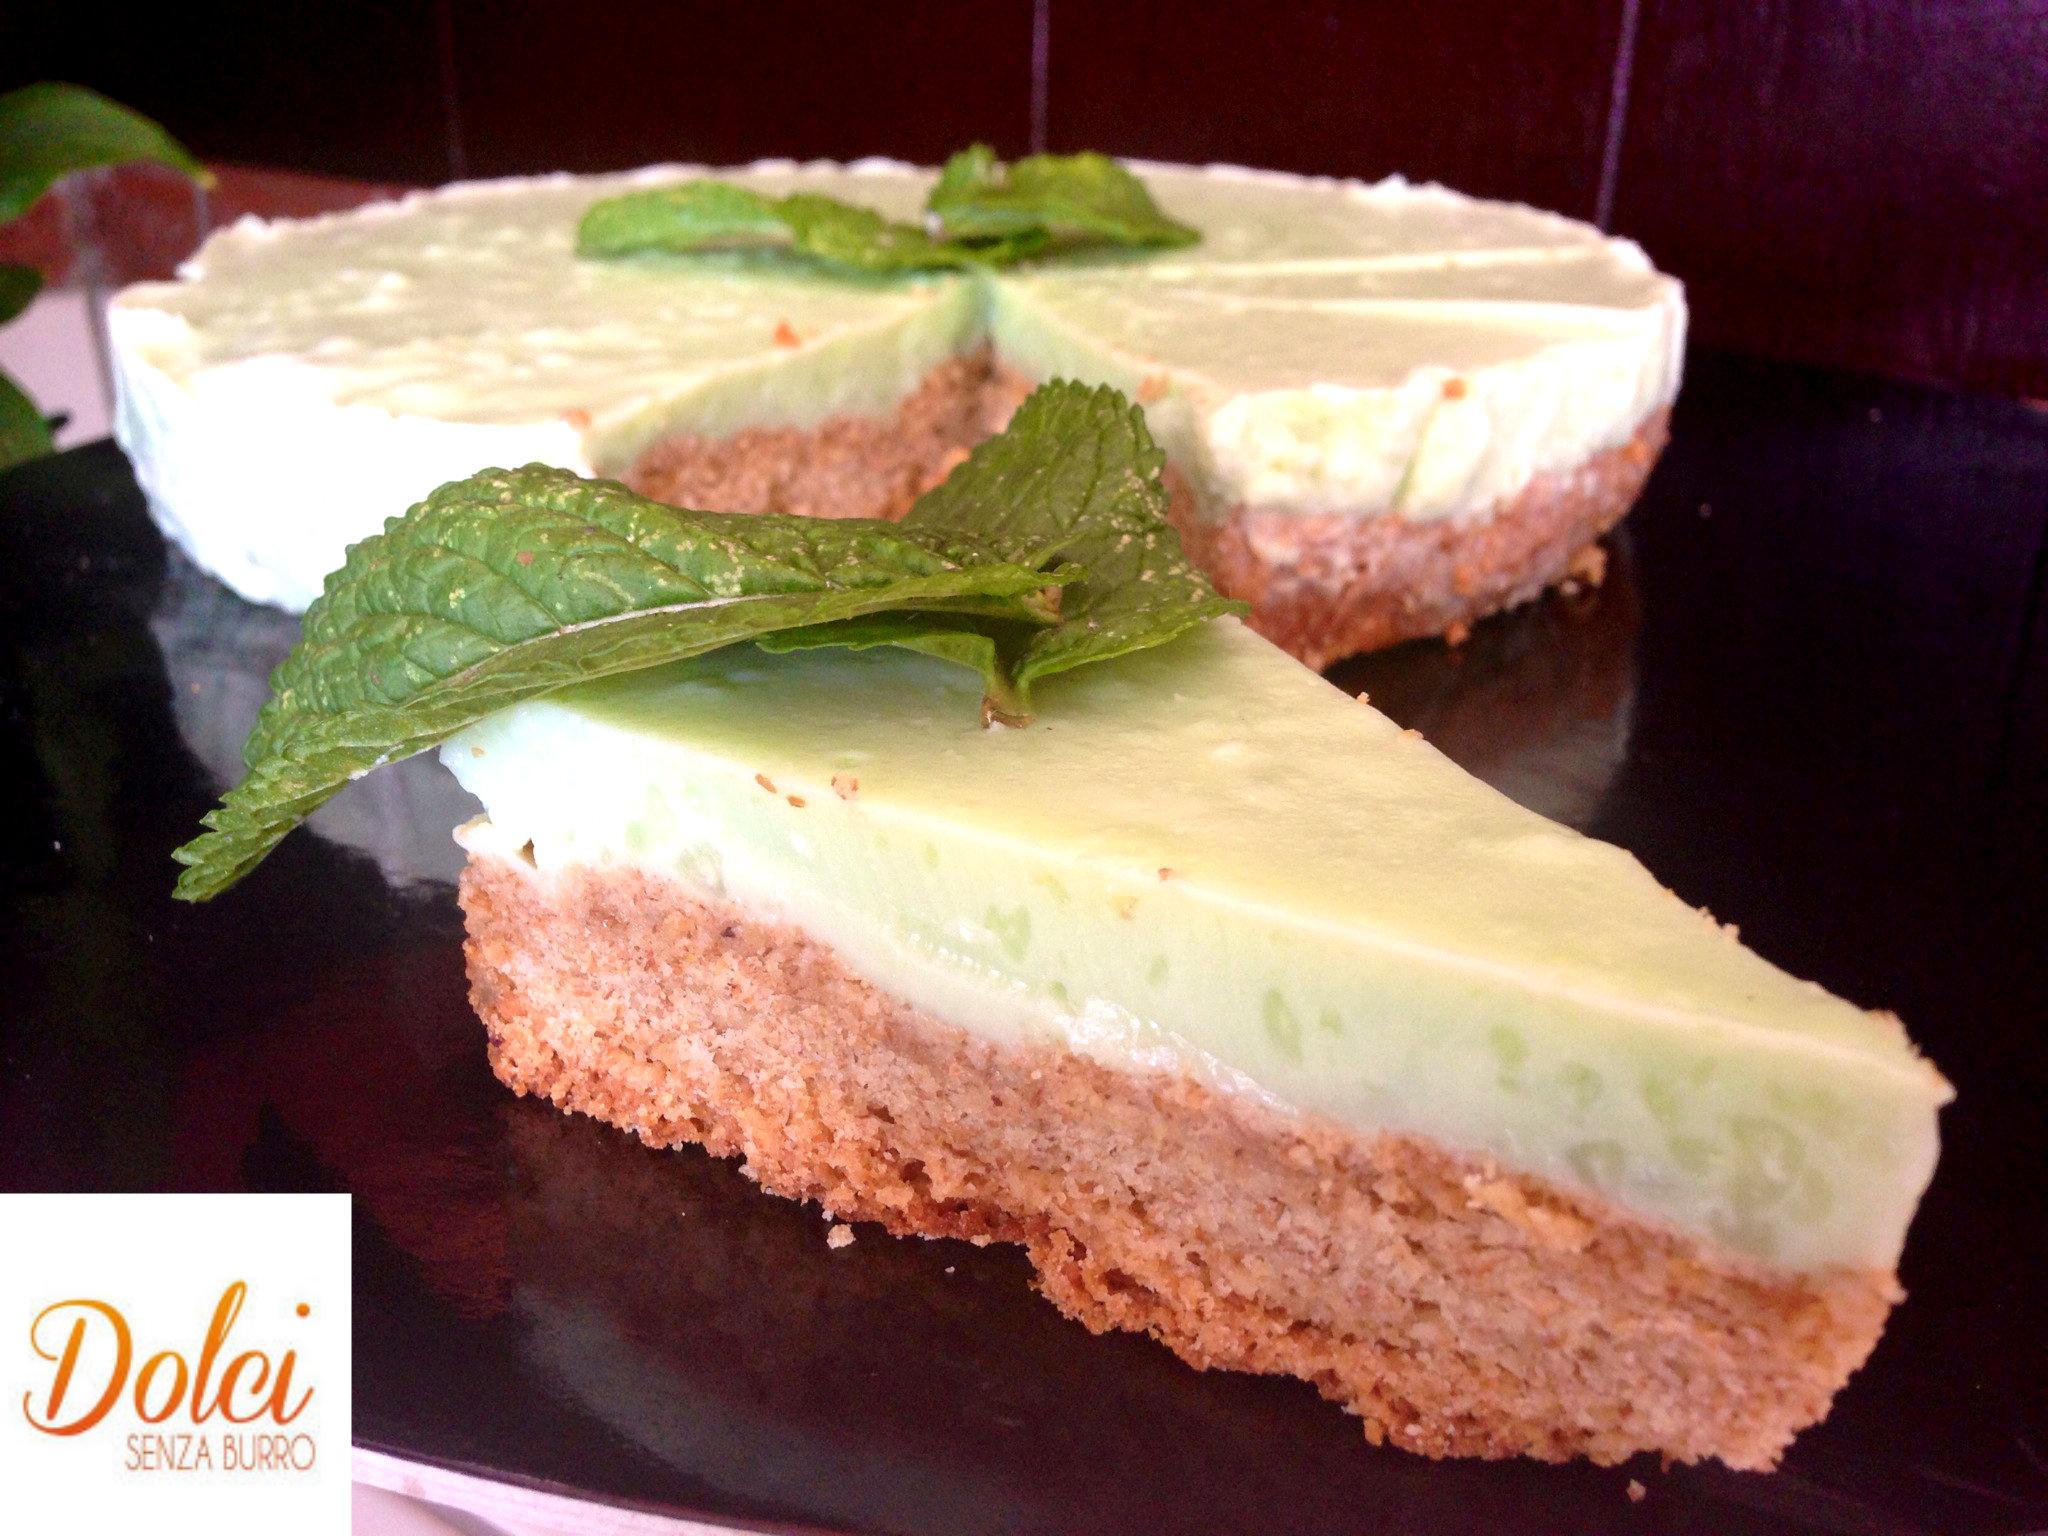 la Torta Fredda alla Menta Senza burro, il dolce fresco ed estivo di dolci senza burro